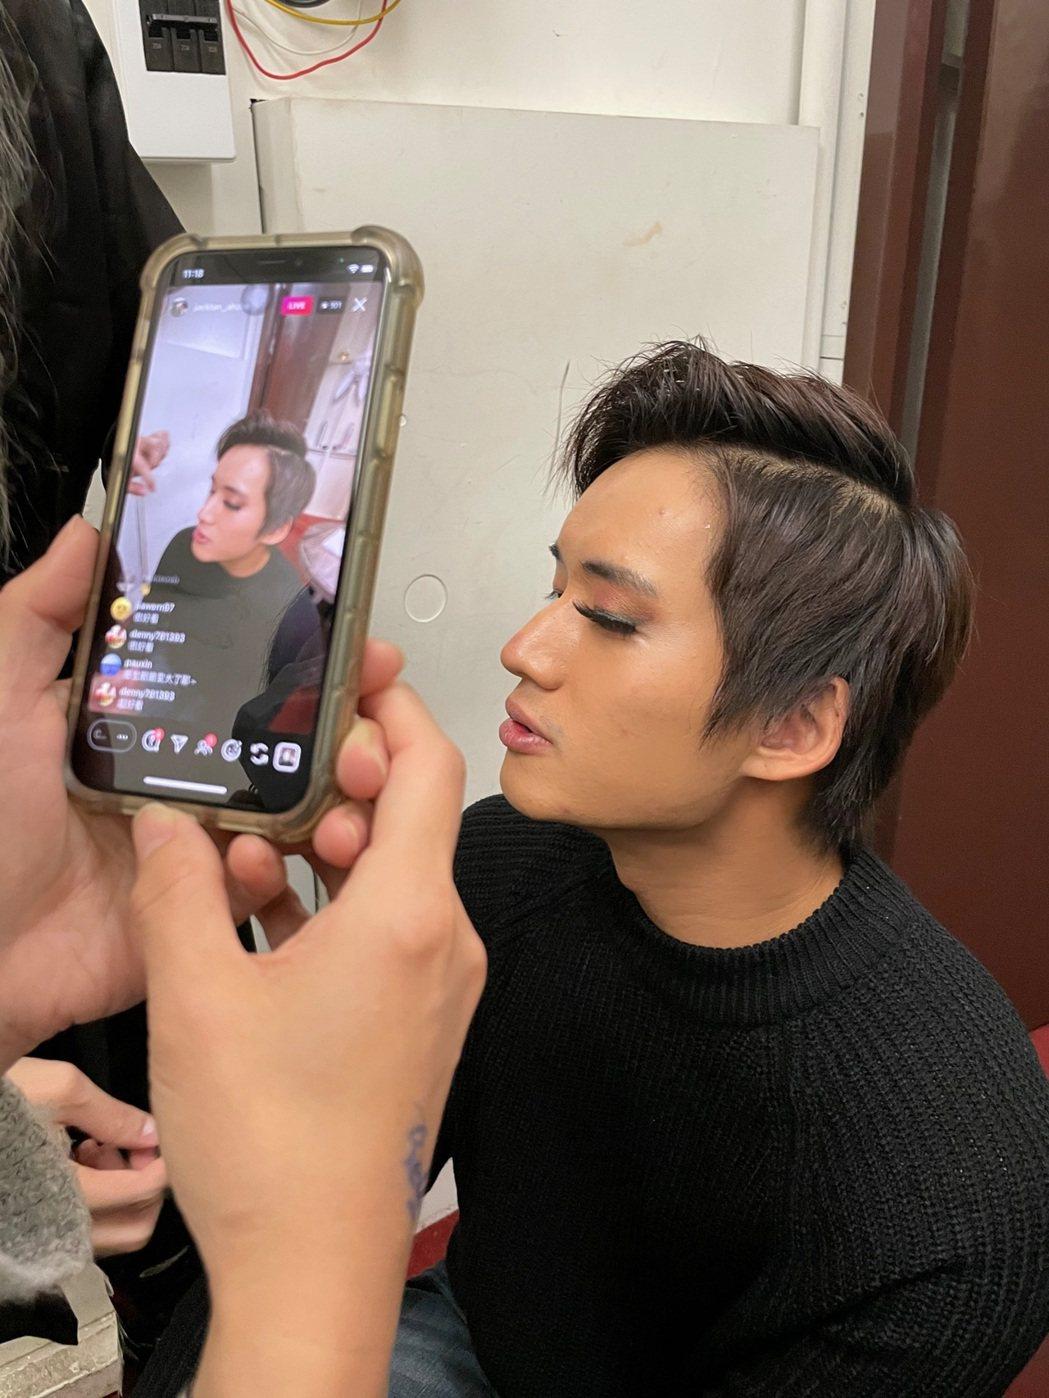 陳澤耀也嘗試了特殊的眼妝。圖/滿滿額提供